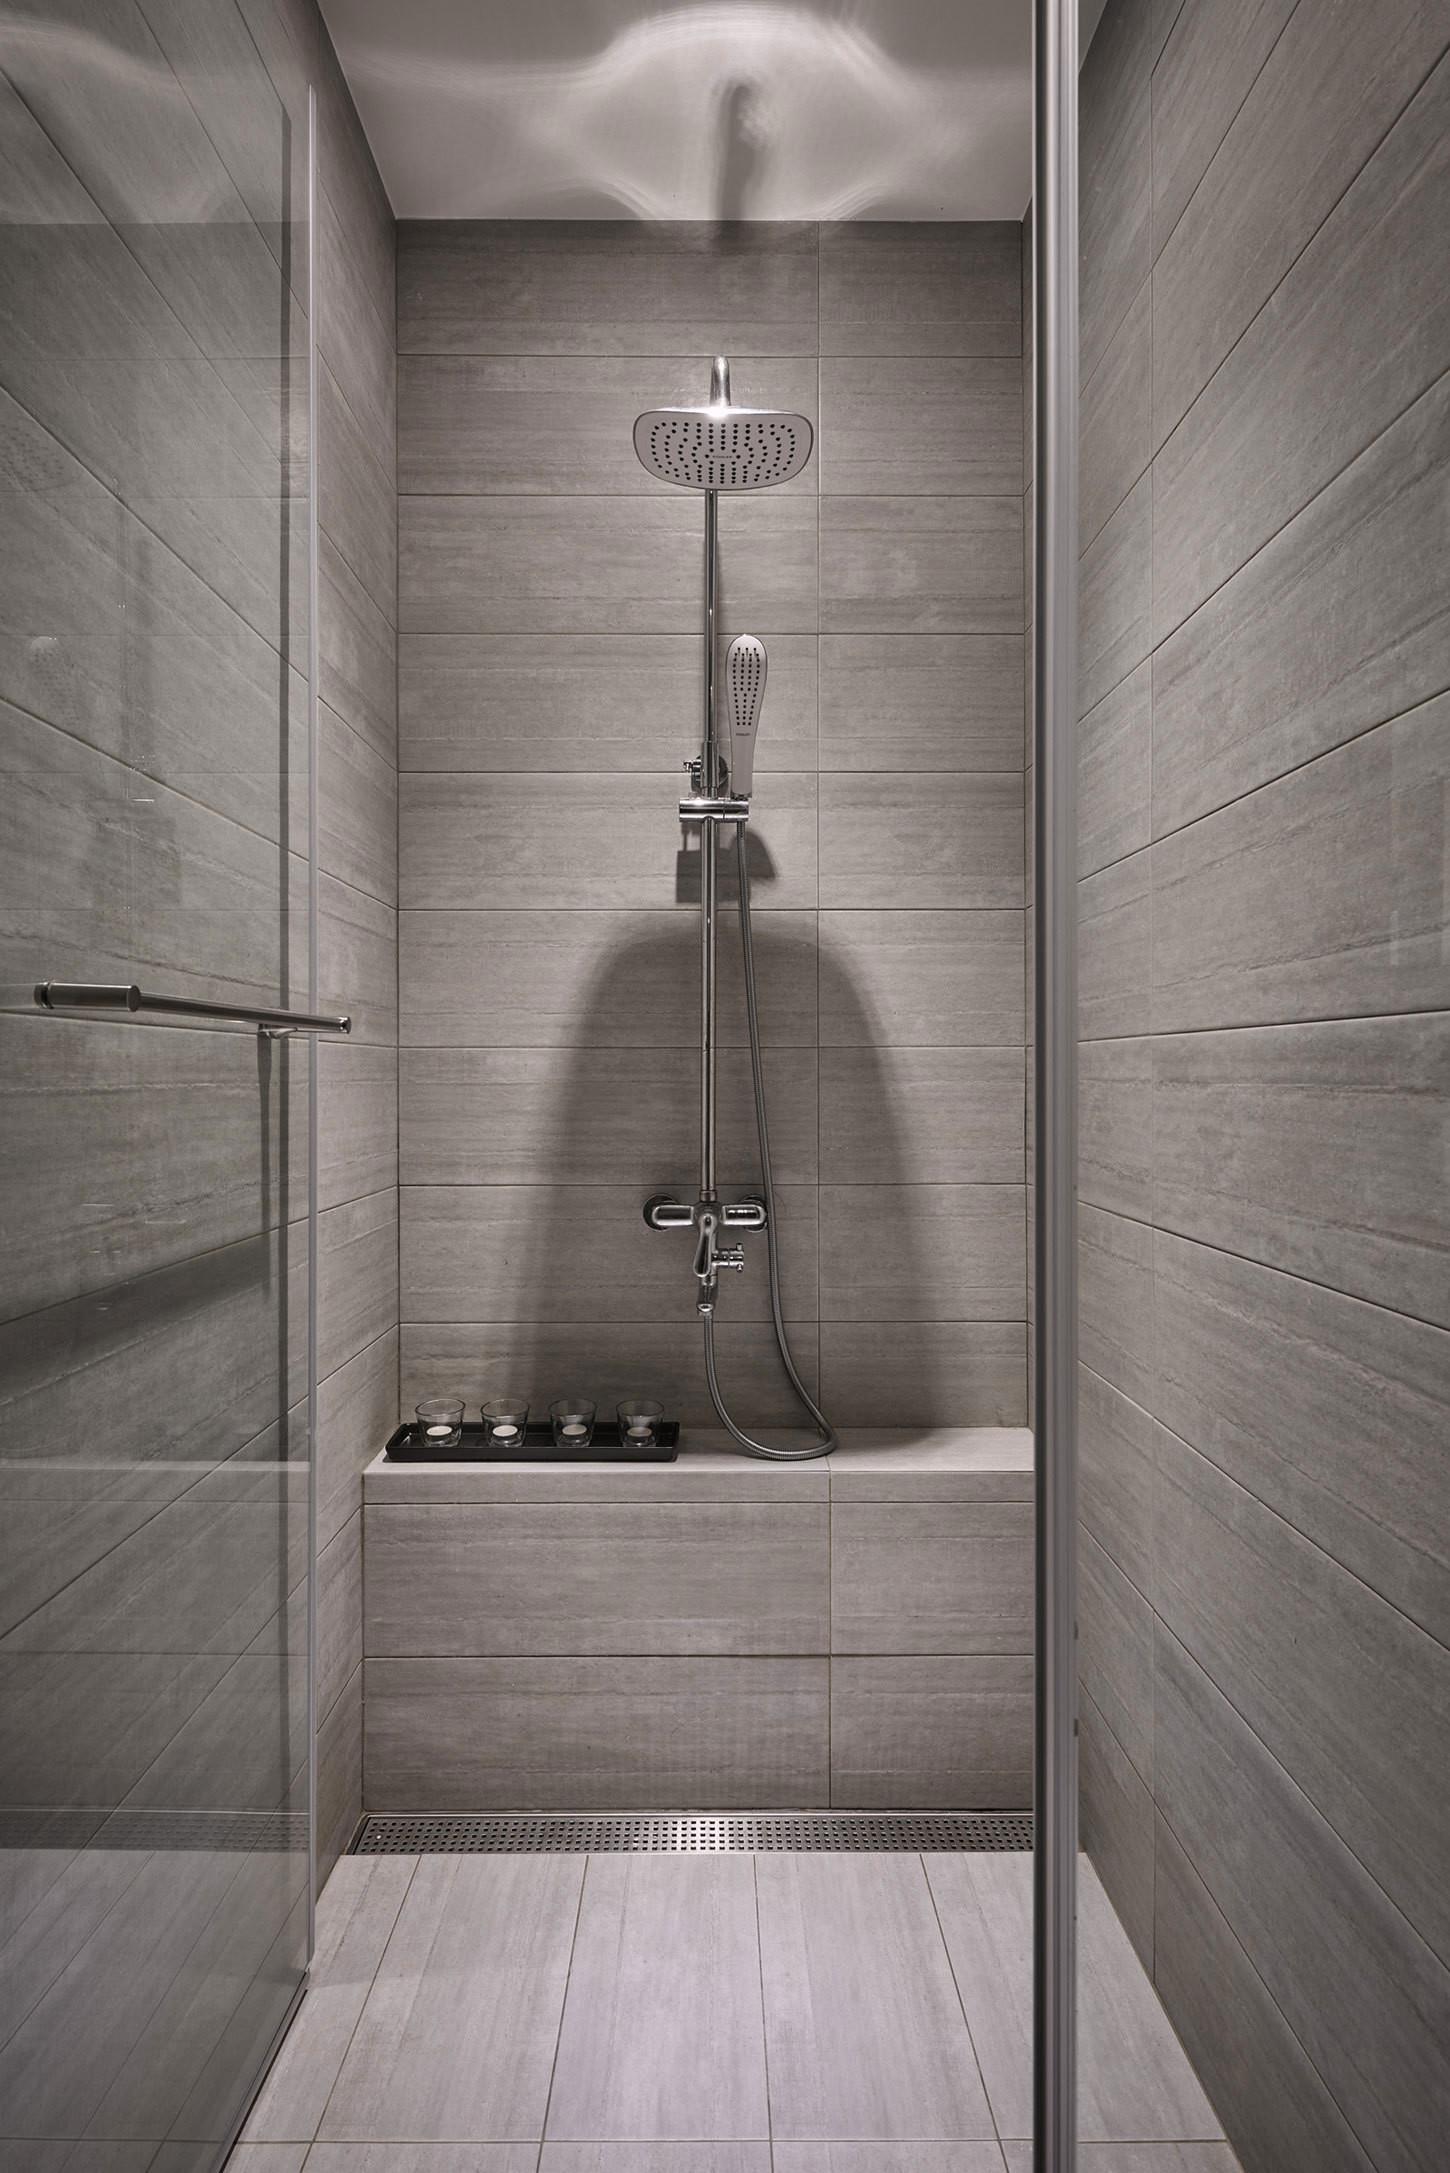 etaj-ot-kashta-s-moderen-i-prostoren-interioren-dizain-120-915g